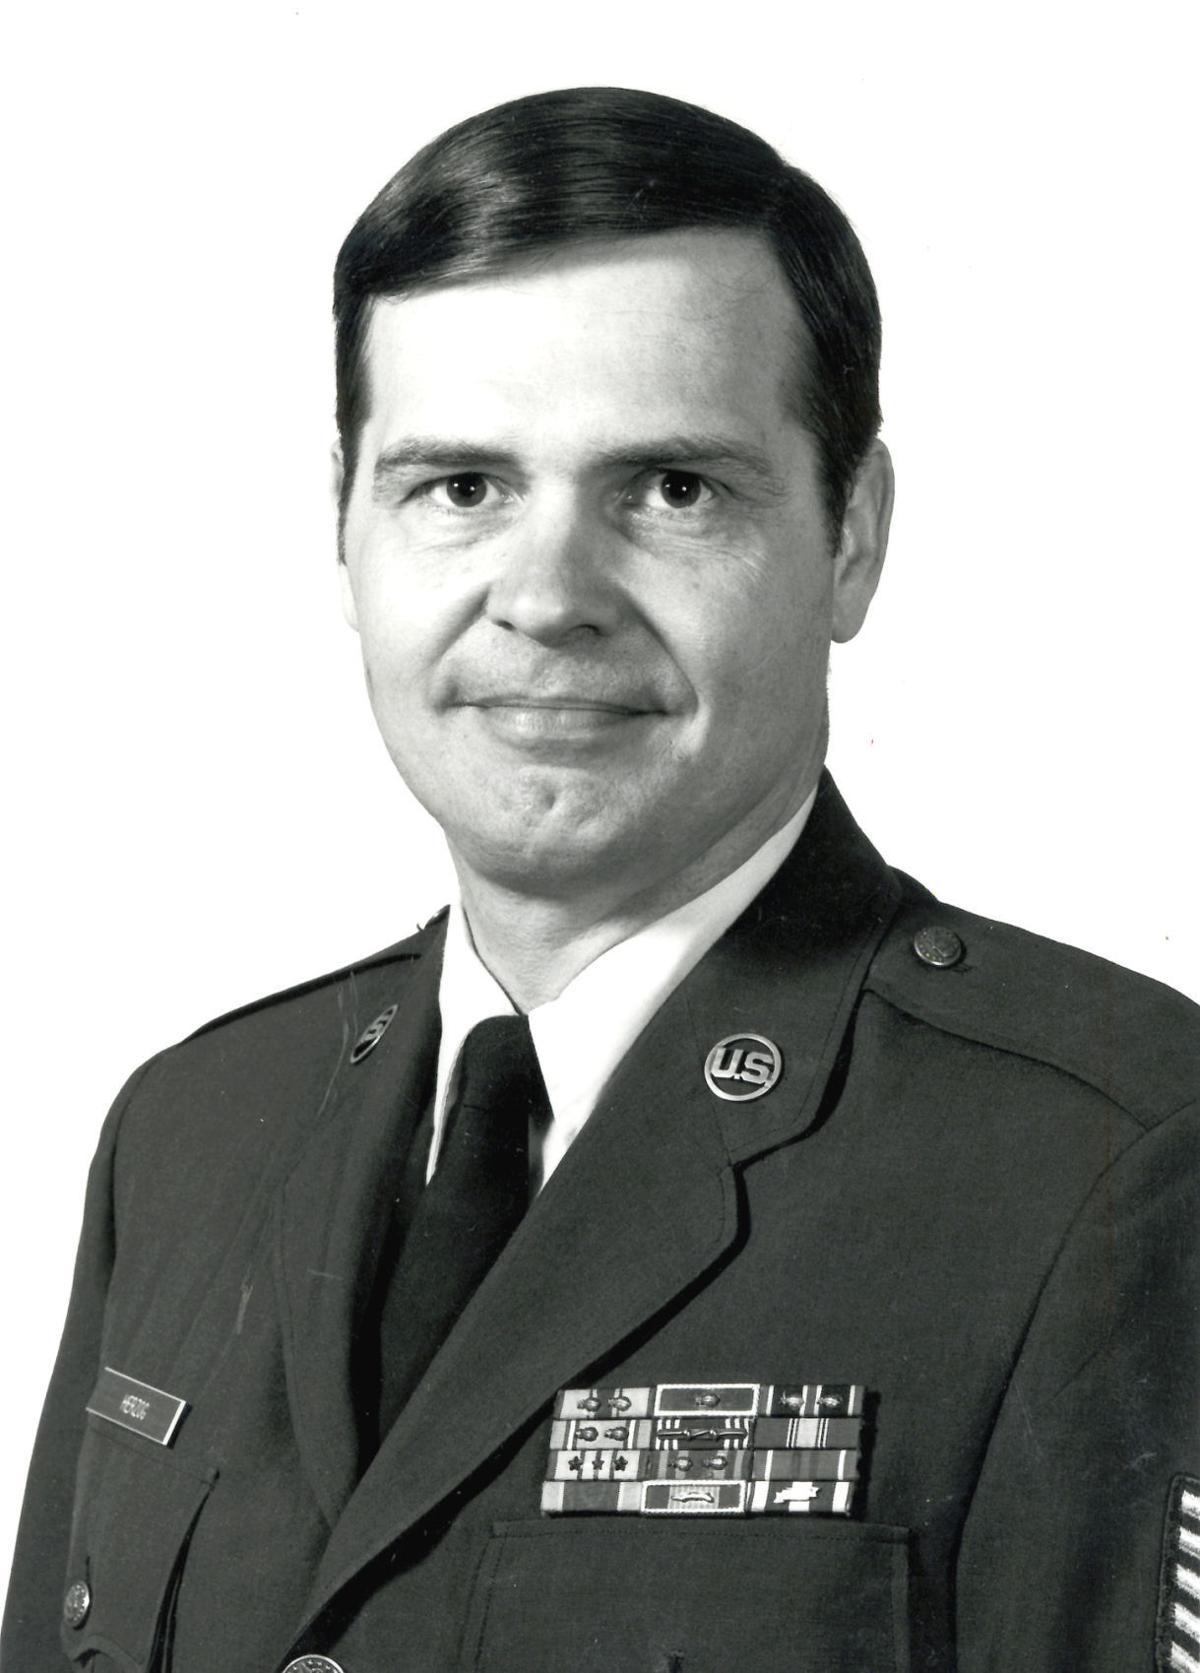 Phil Herzog in uniform